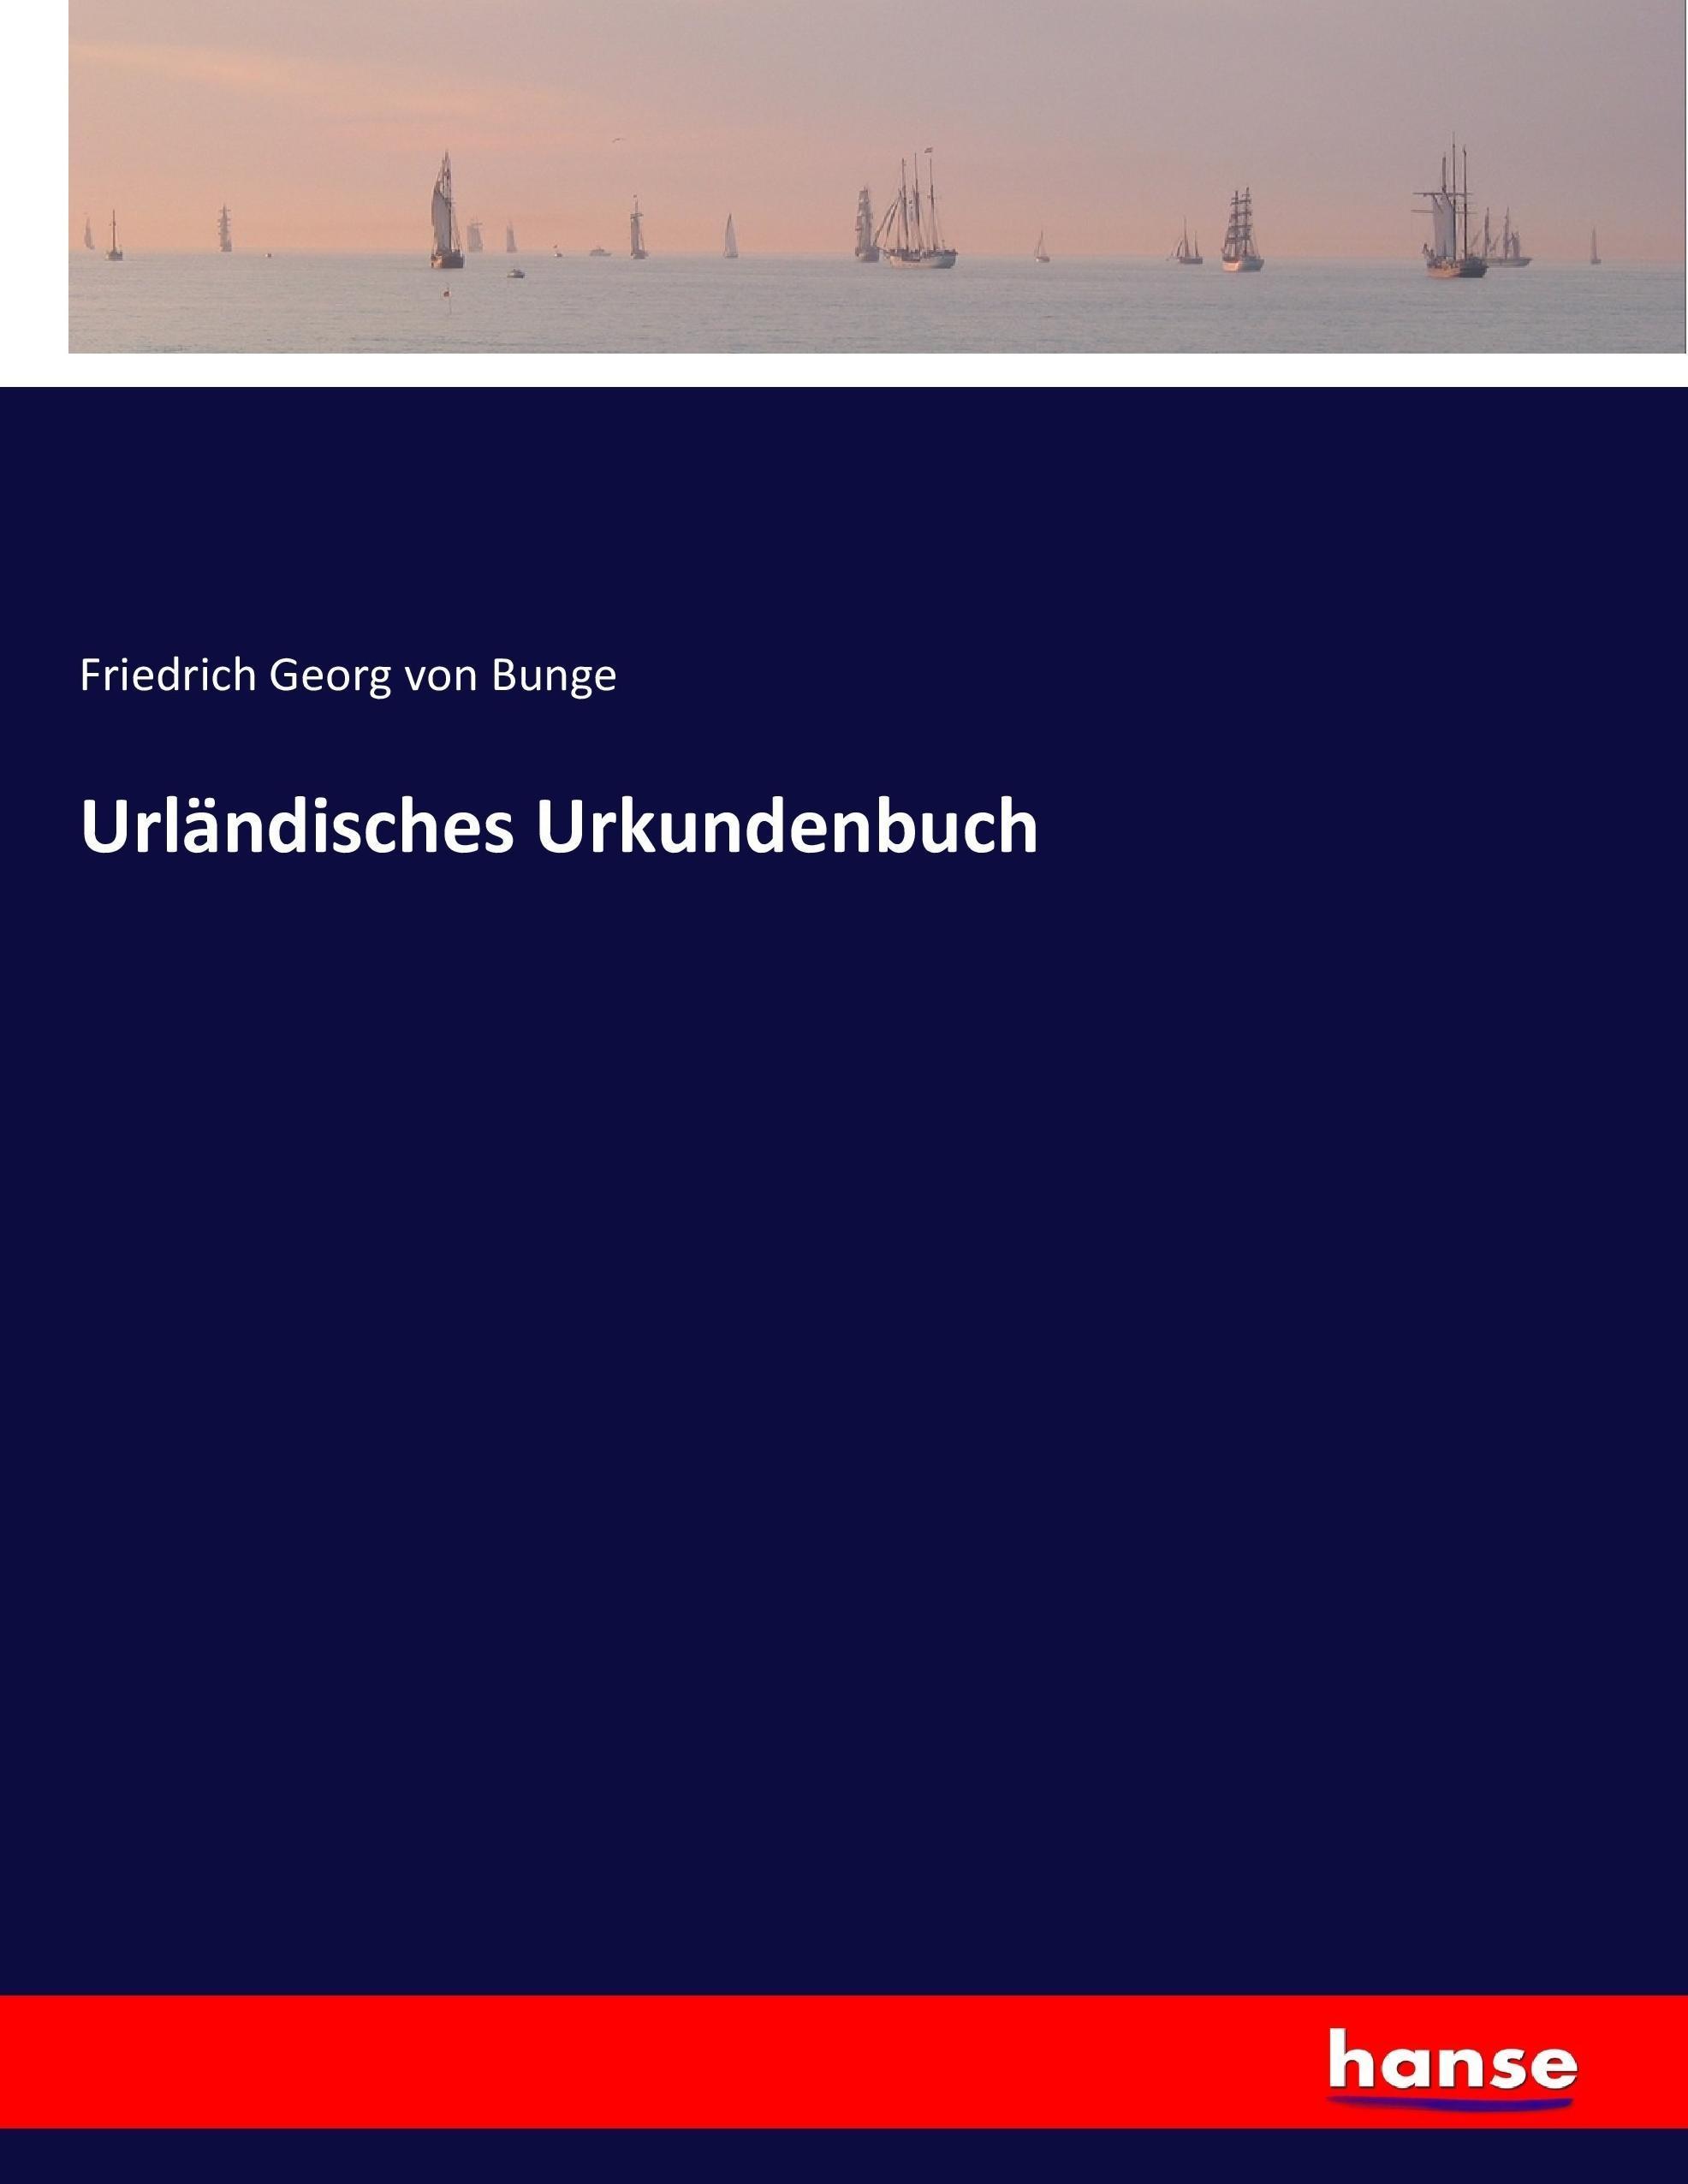 Urländisches Urkundenbuch - Friedrich Georg Von Bunge -  9783744637619